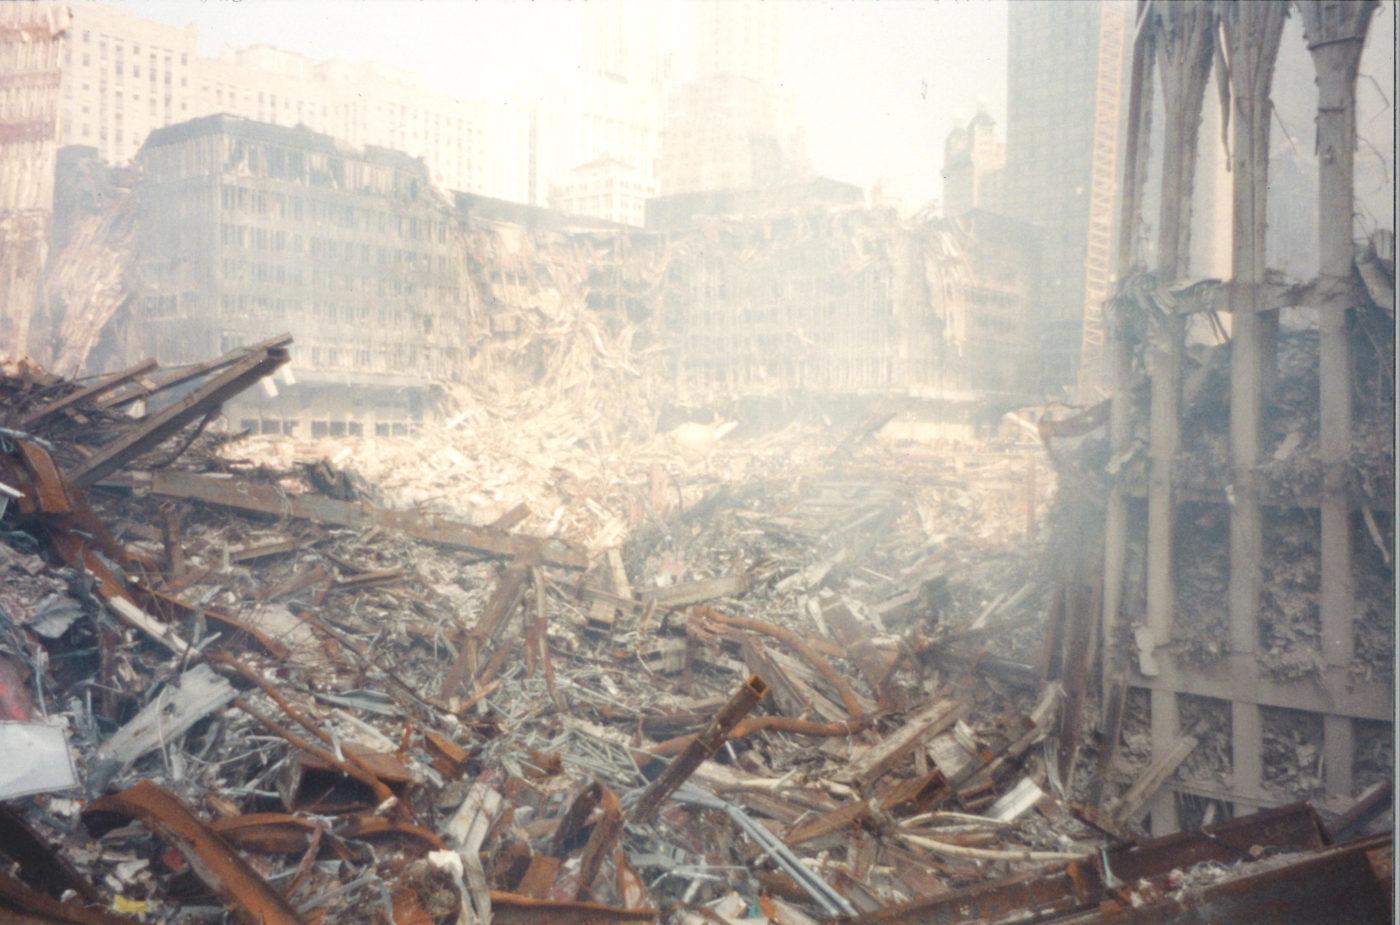 Rubble and Debris at Ground Zero